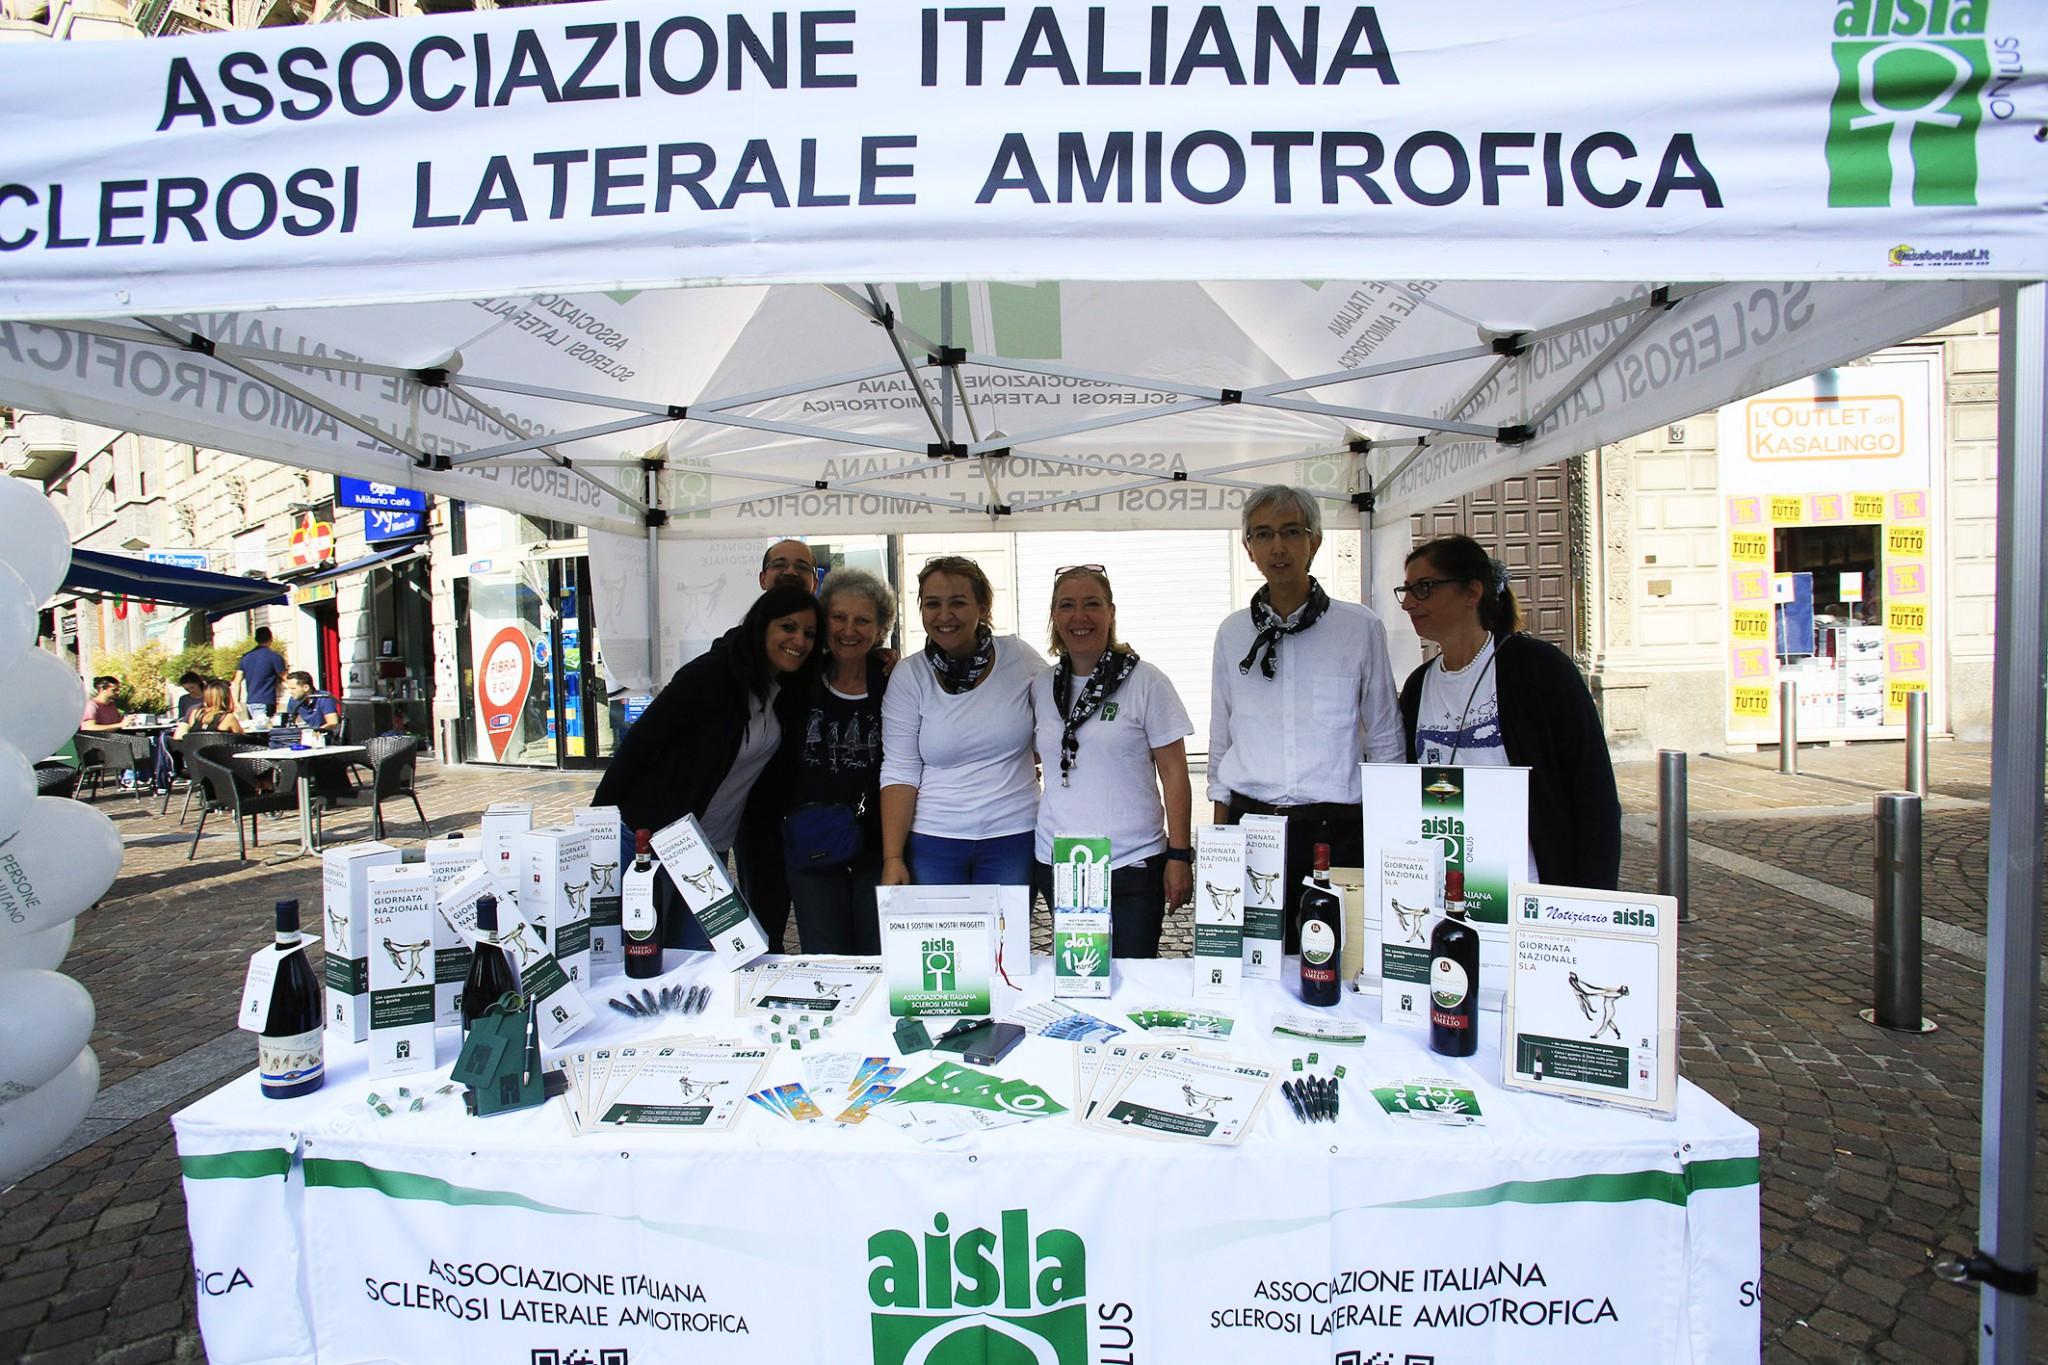 Sla, uno degli stand allestiti nelle piazze italiane